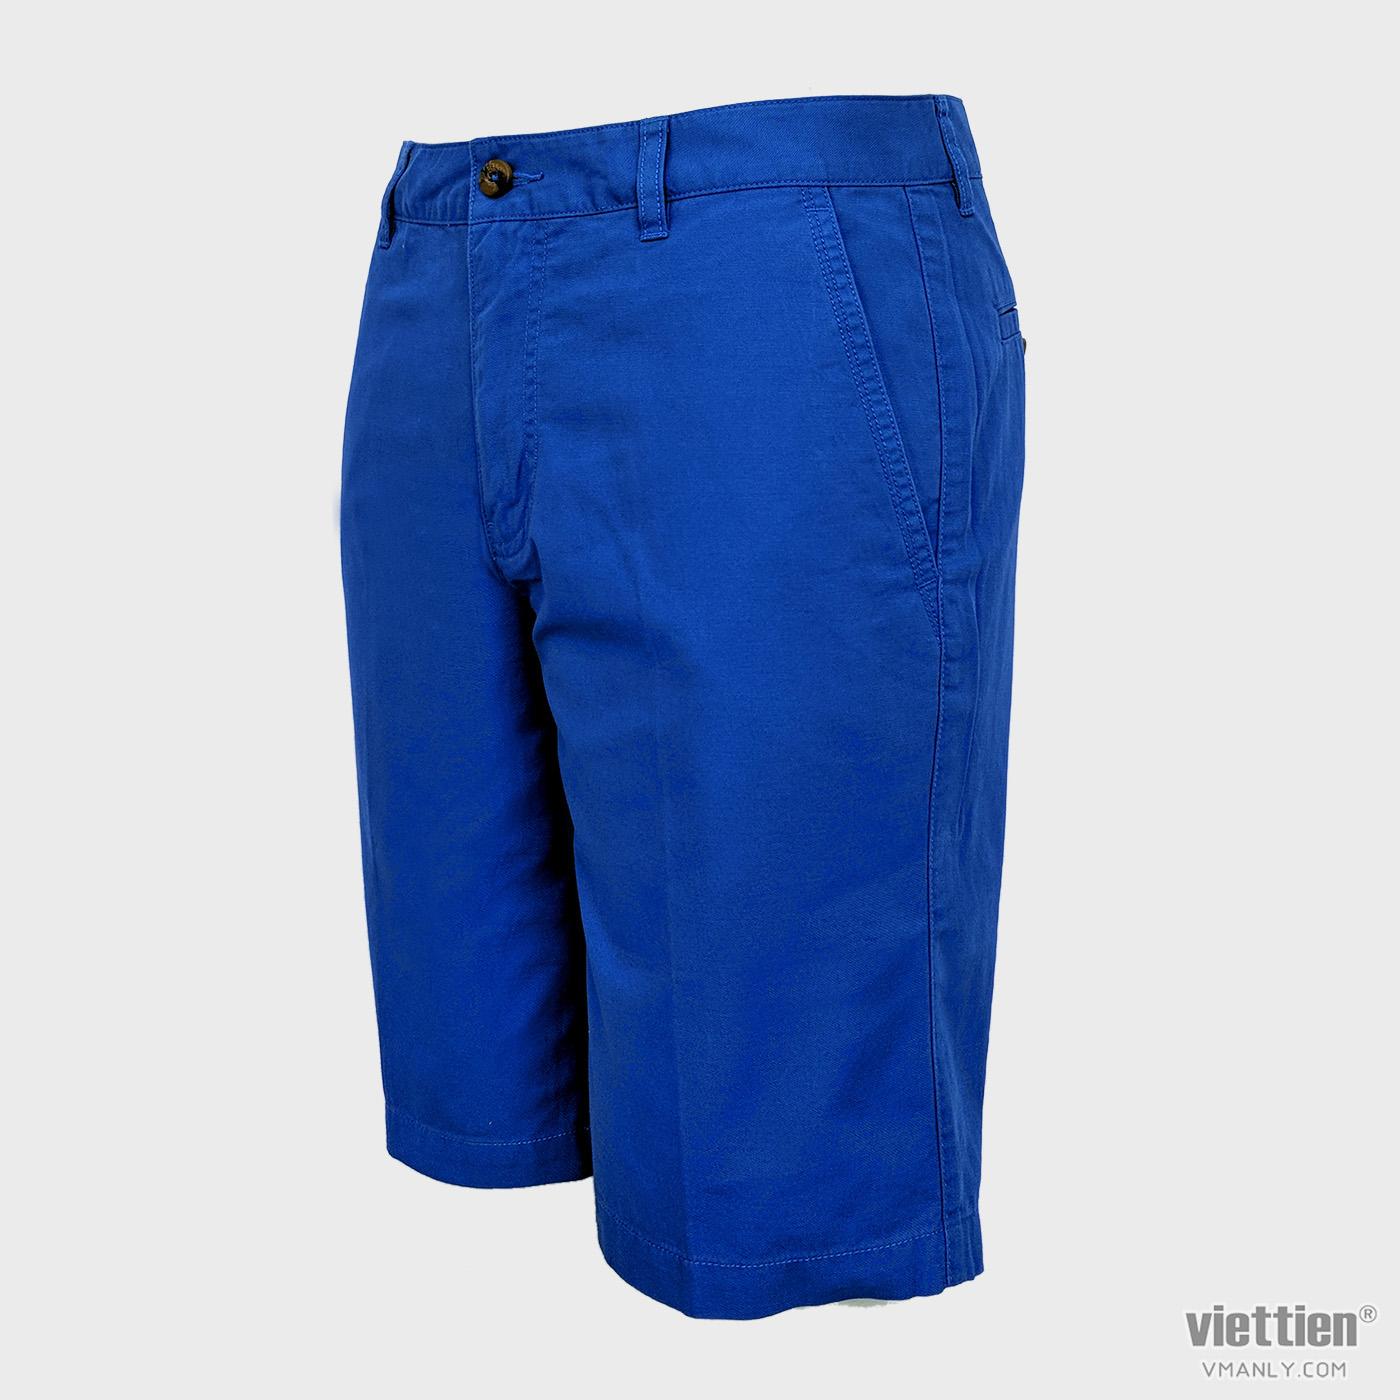 Quần short kaki nam Việt Tiến màu xanh blue 6J8119BT4/QSKF